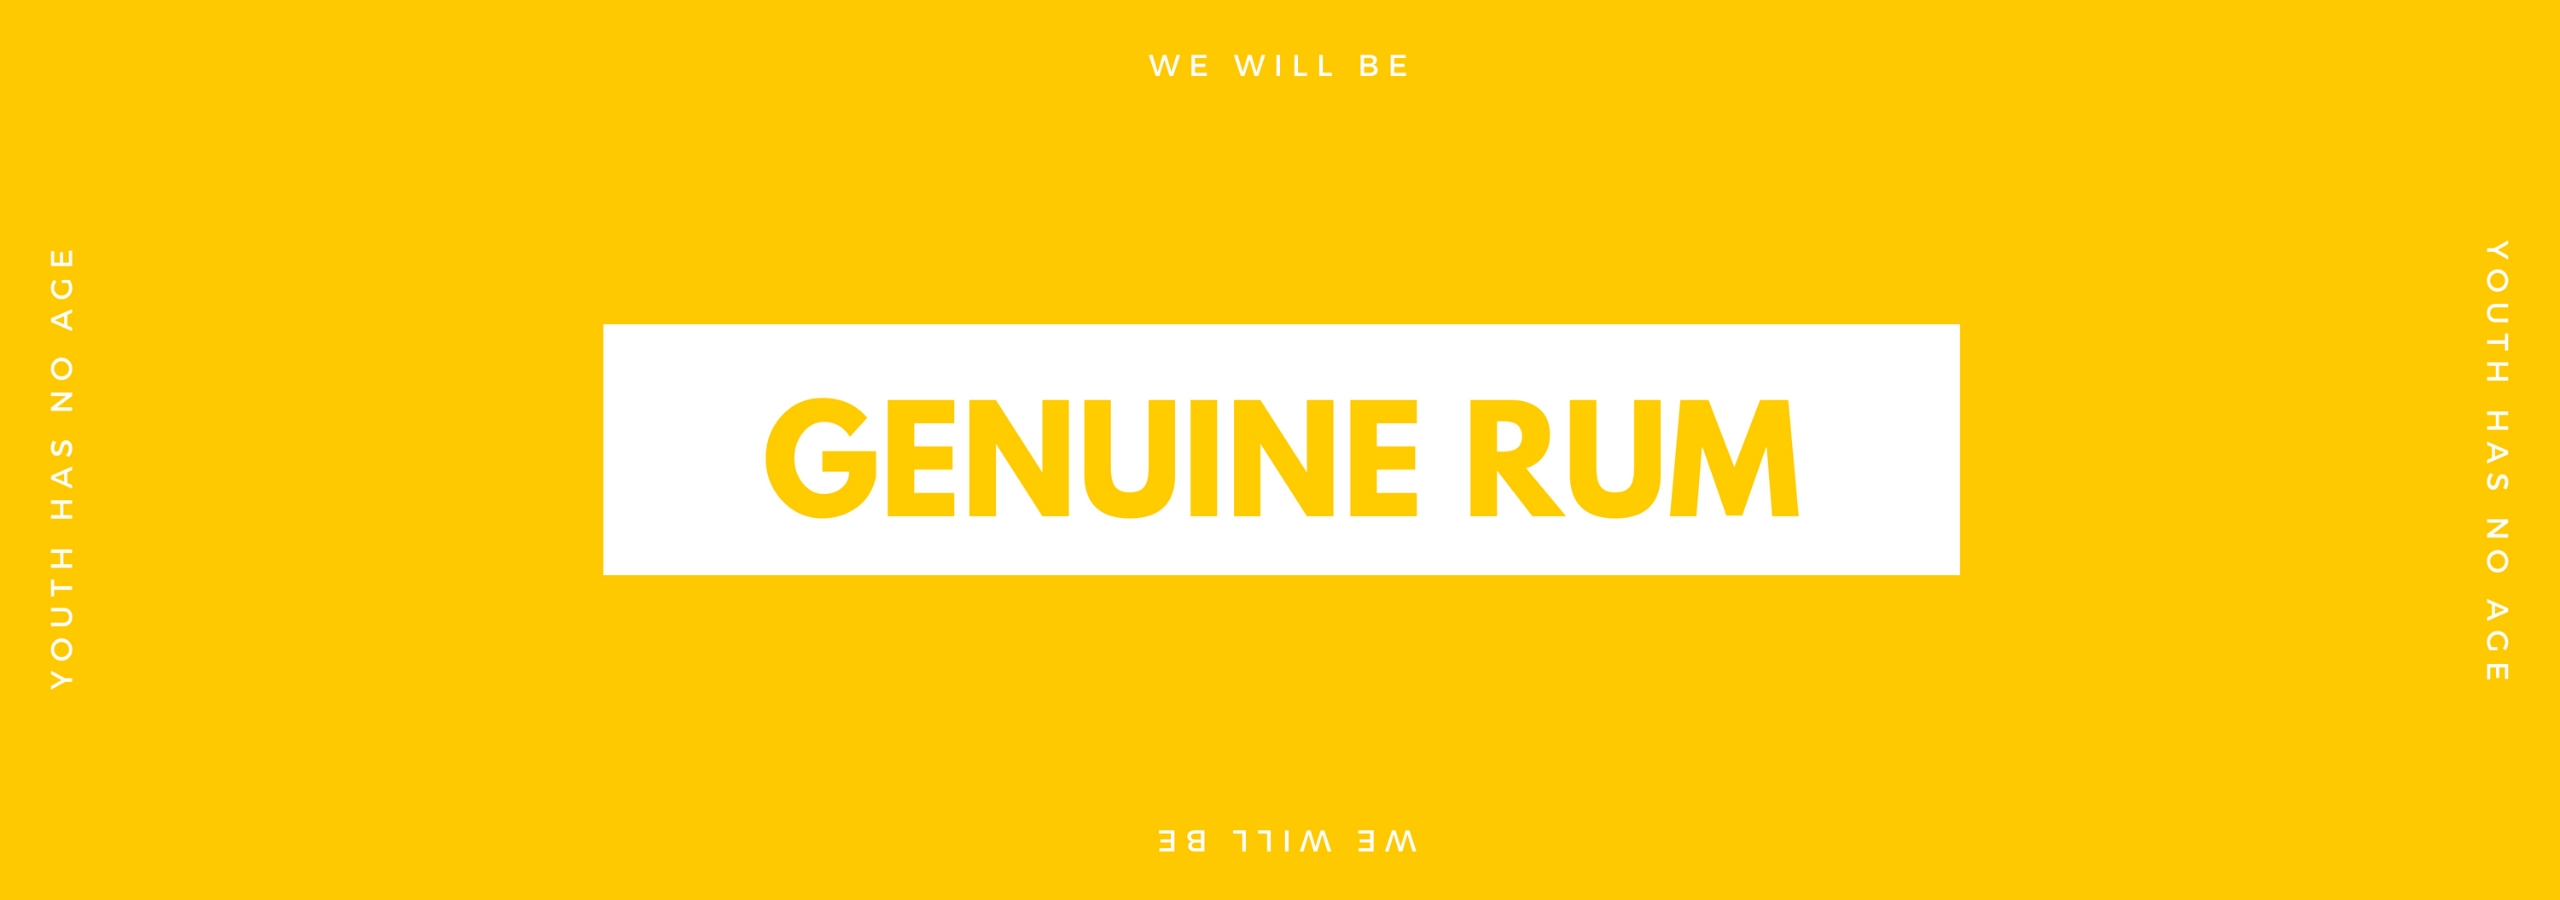 GENUINE R (@genuine___rum) Cover Image